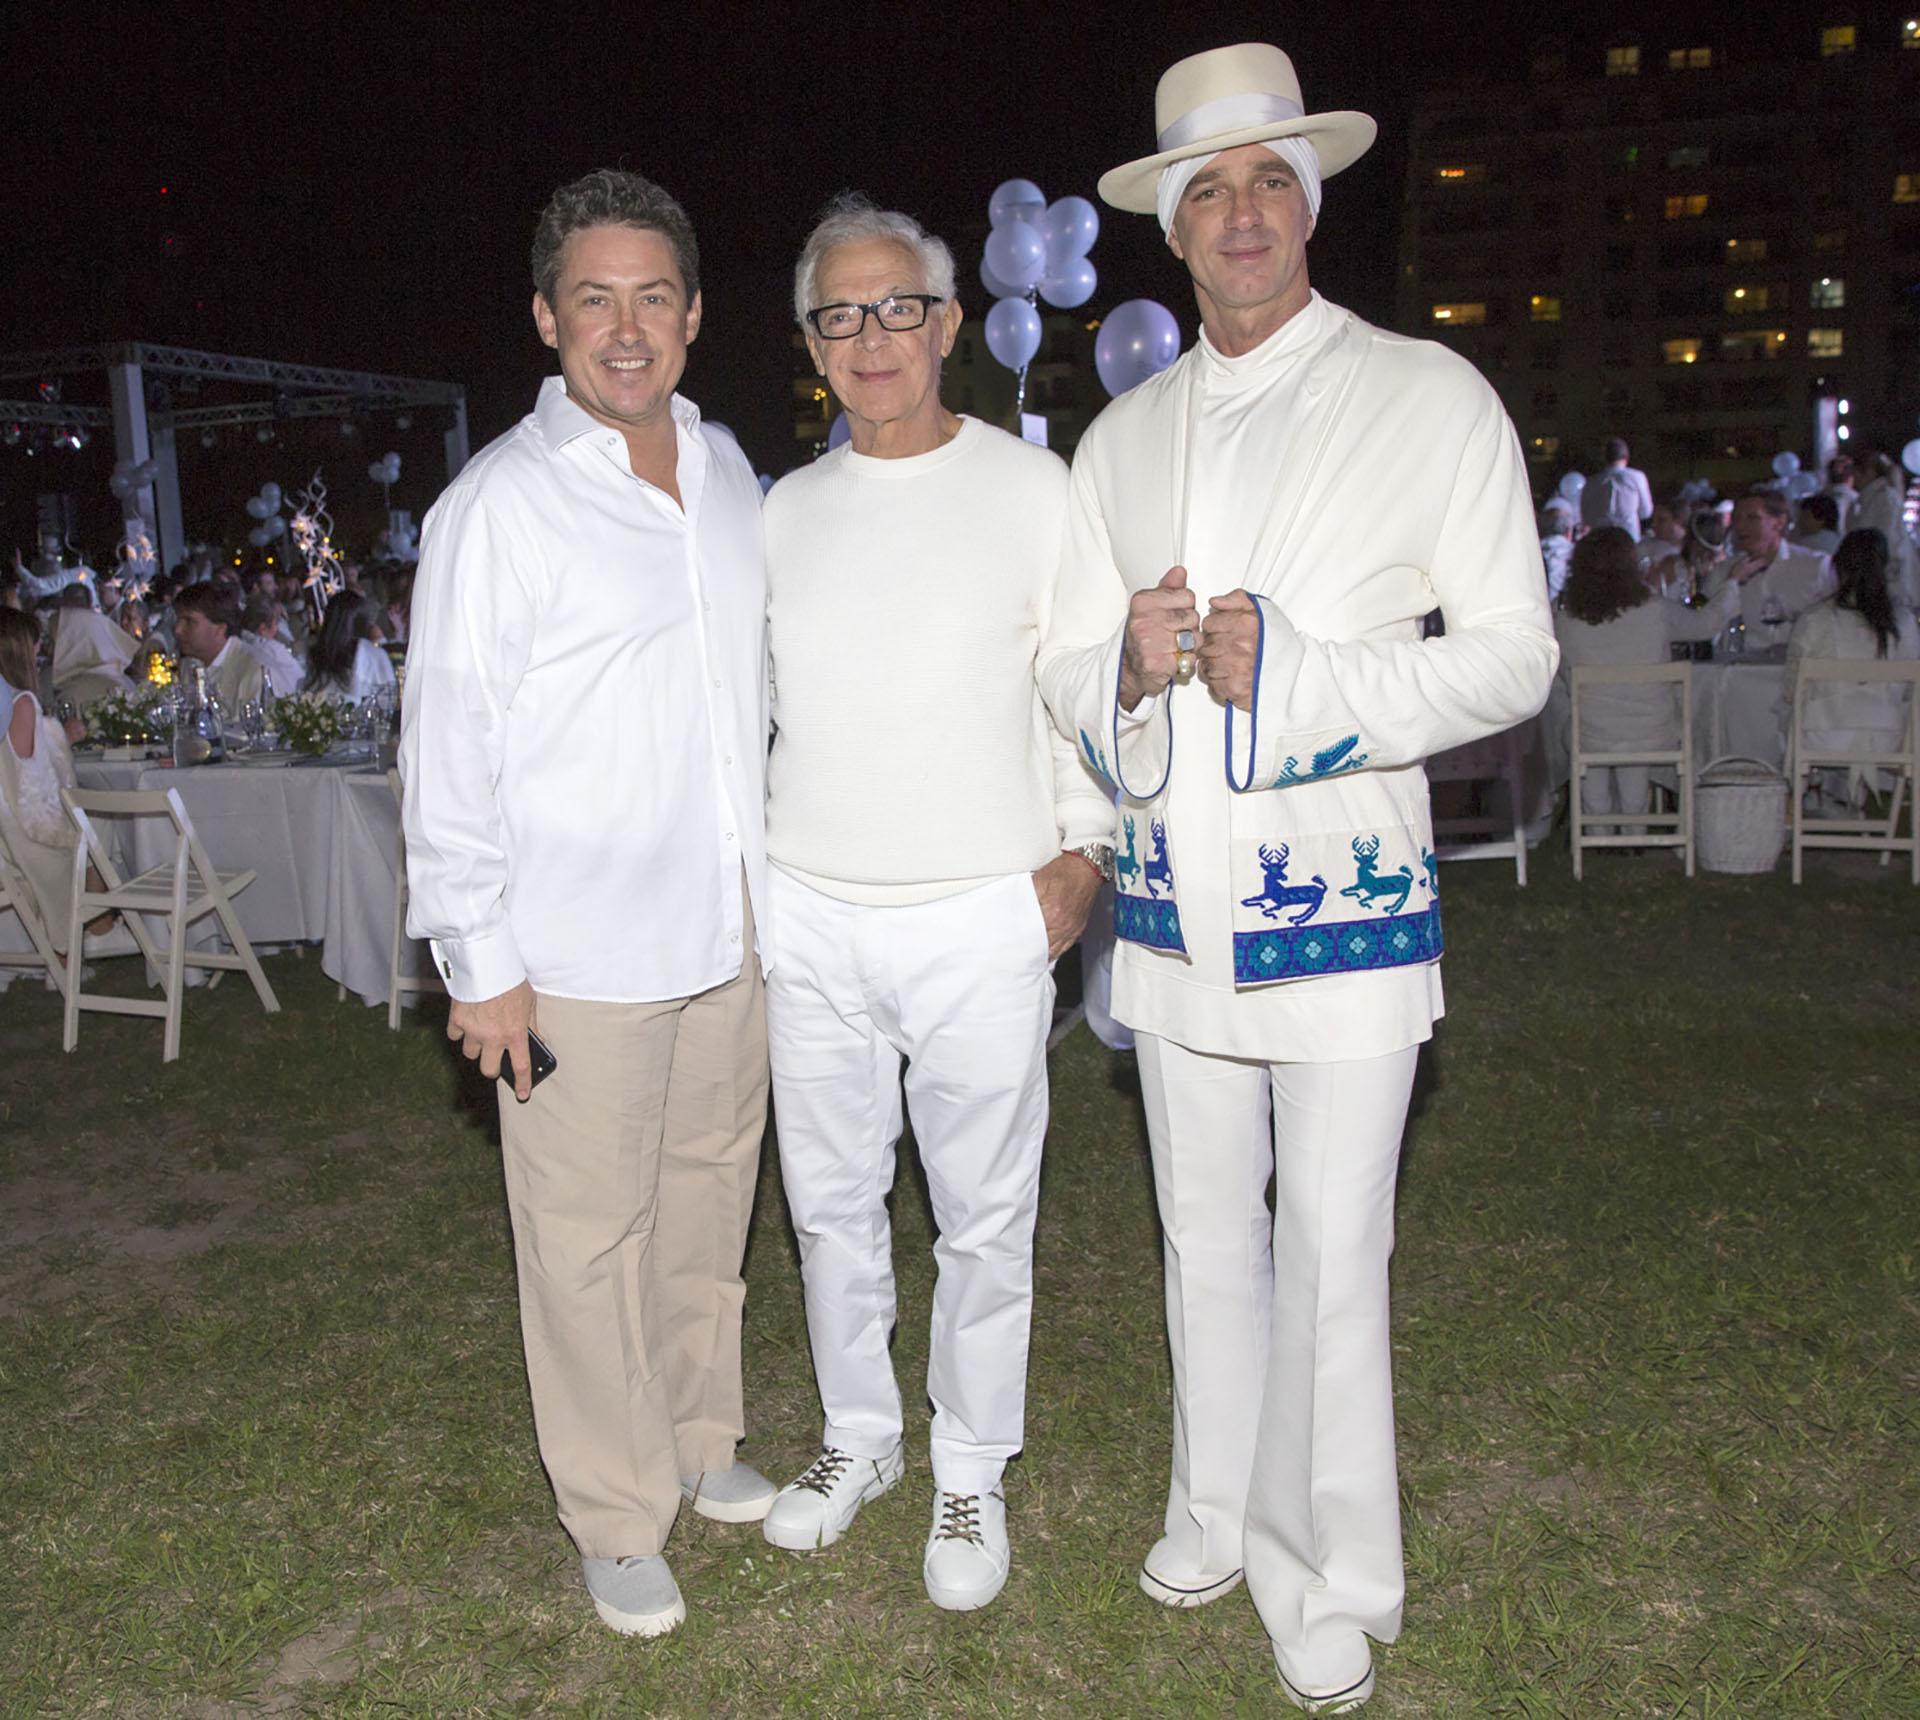 El ex embajador de los Estados Unidos en la Argentina, Noah Mamet, junto a Eduardo Costantini y Alan Faena estuvieron entre los más de mil entusiastas, que celebraron en Puerto Maderoelpicnic'très chic' más solicitado del momento